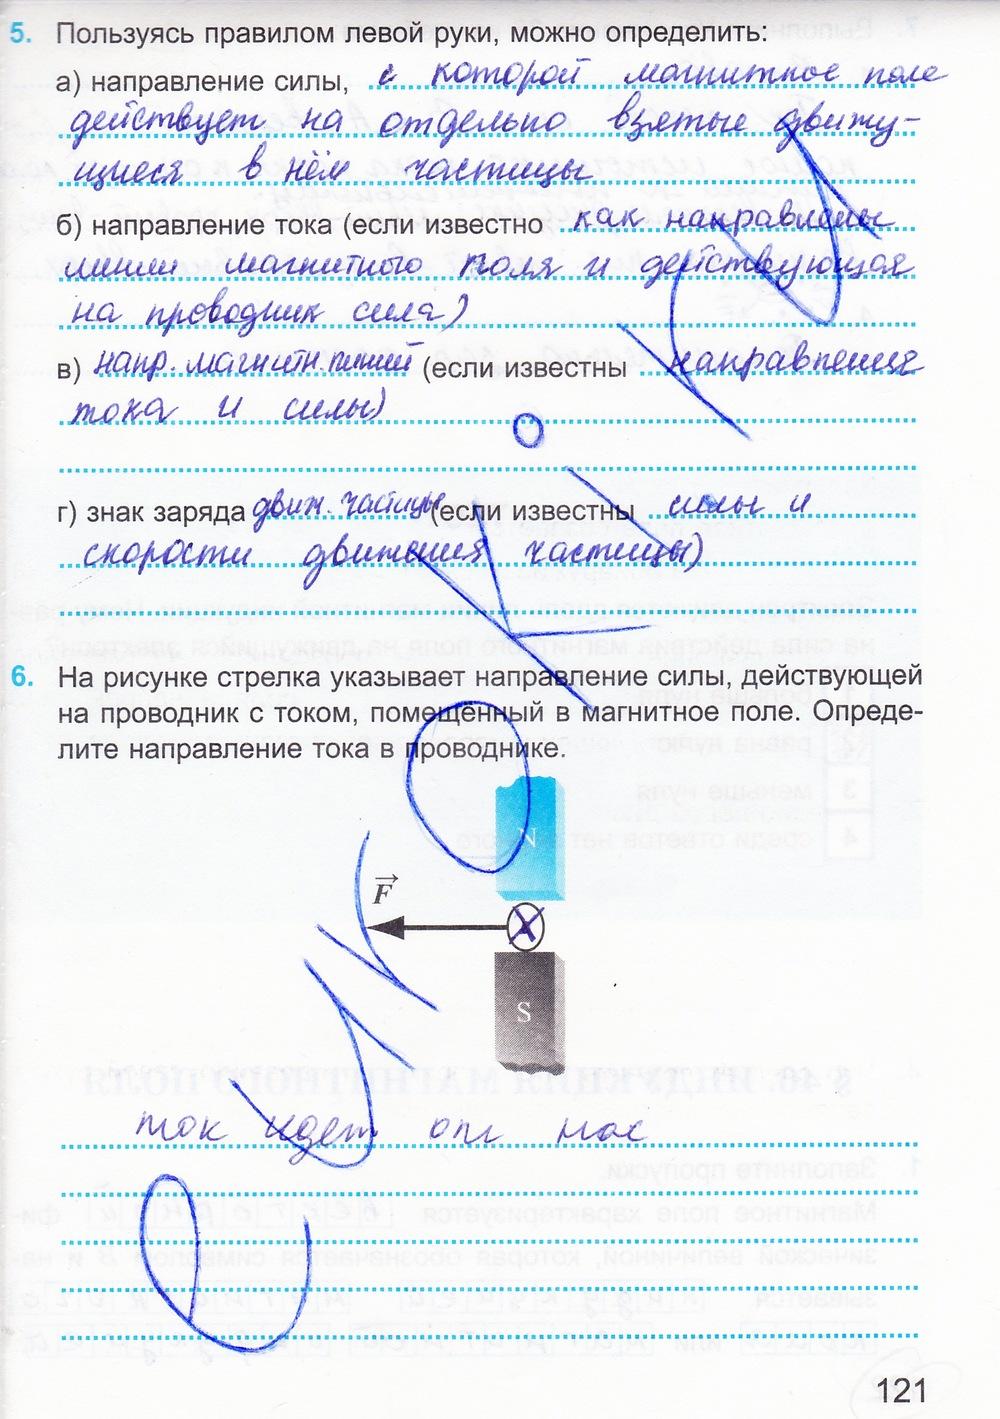 физика гдз дмитриев